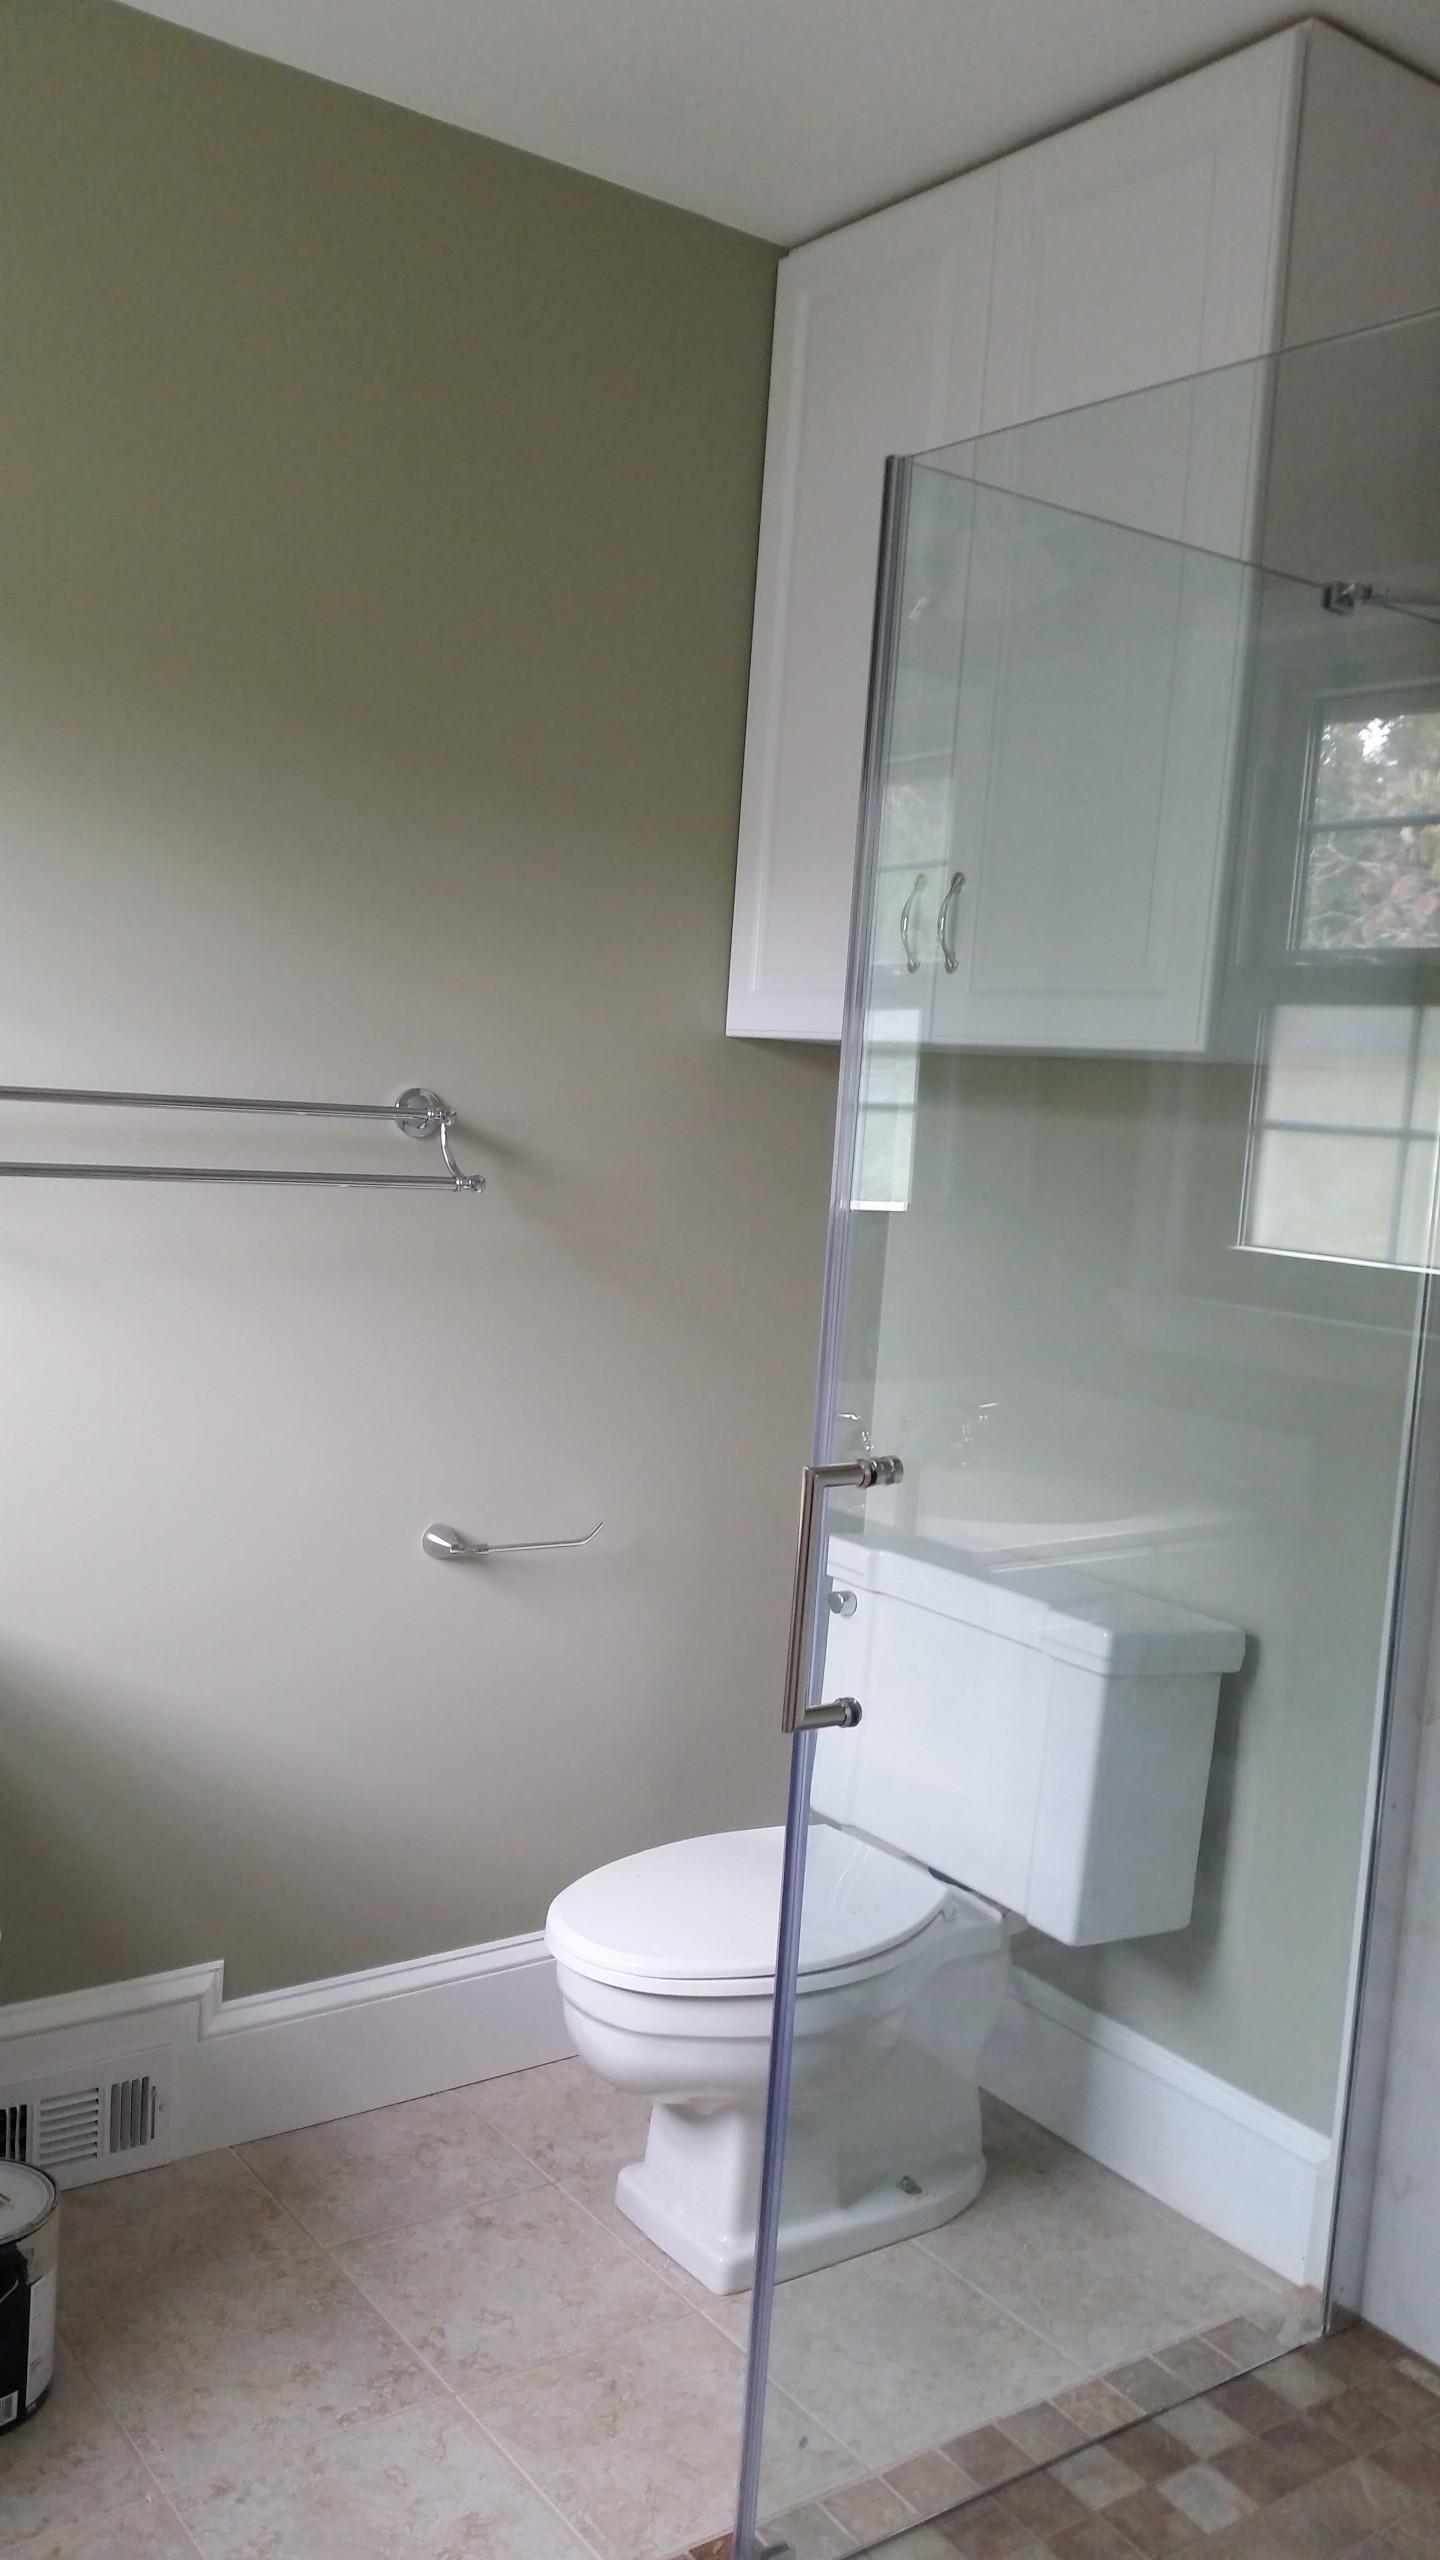 Bathrooms & Bathroom Vanities